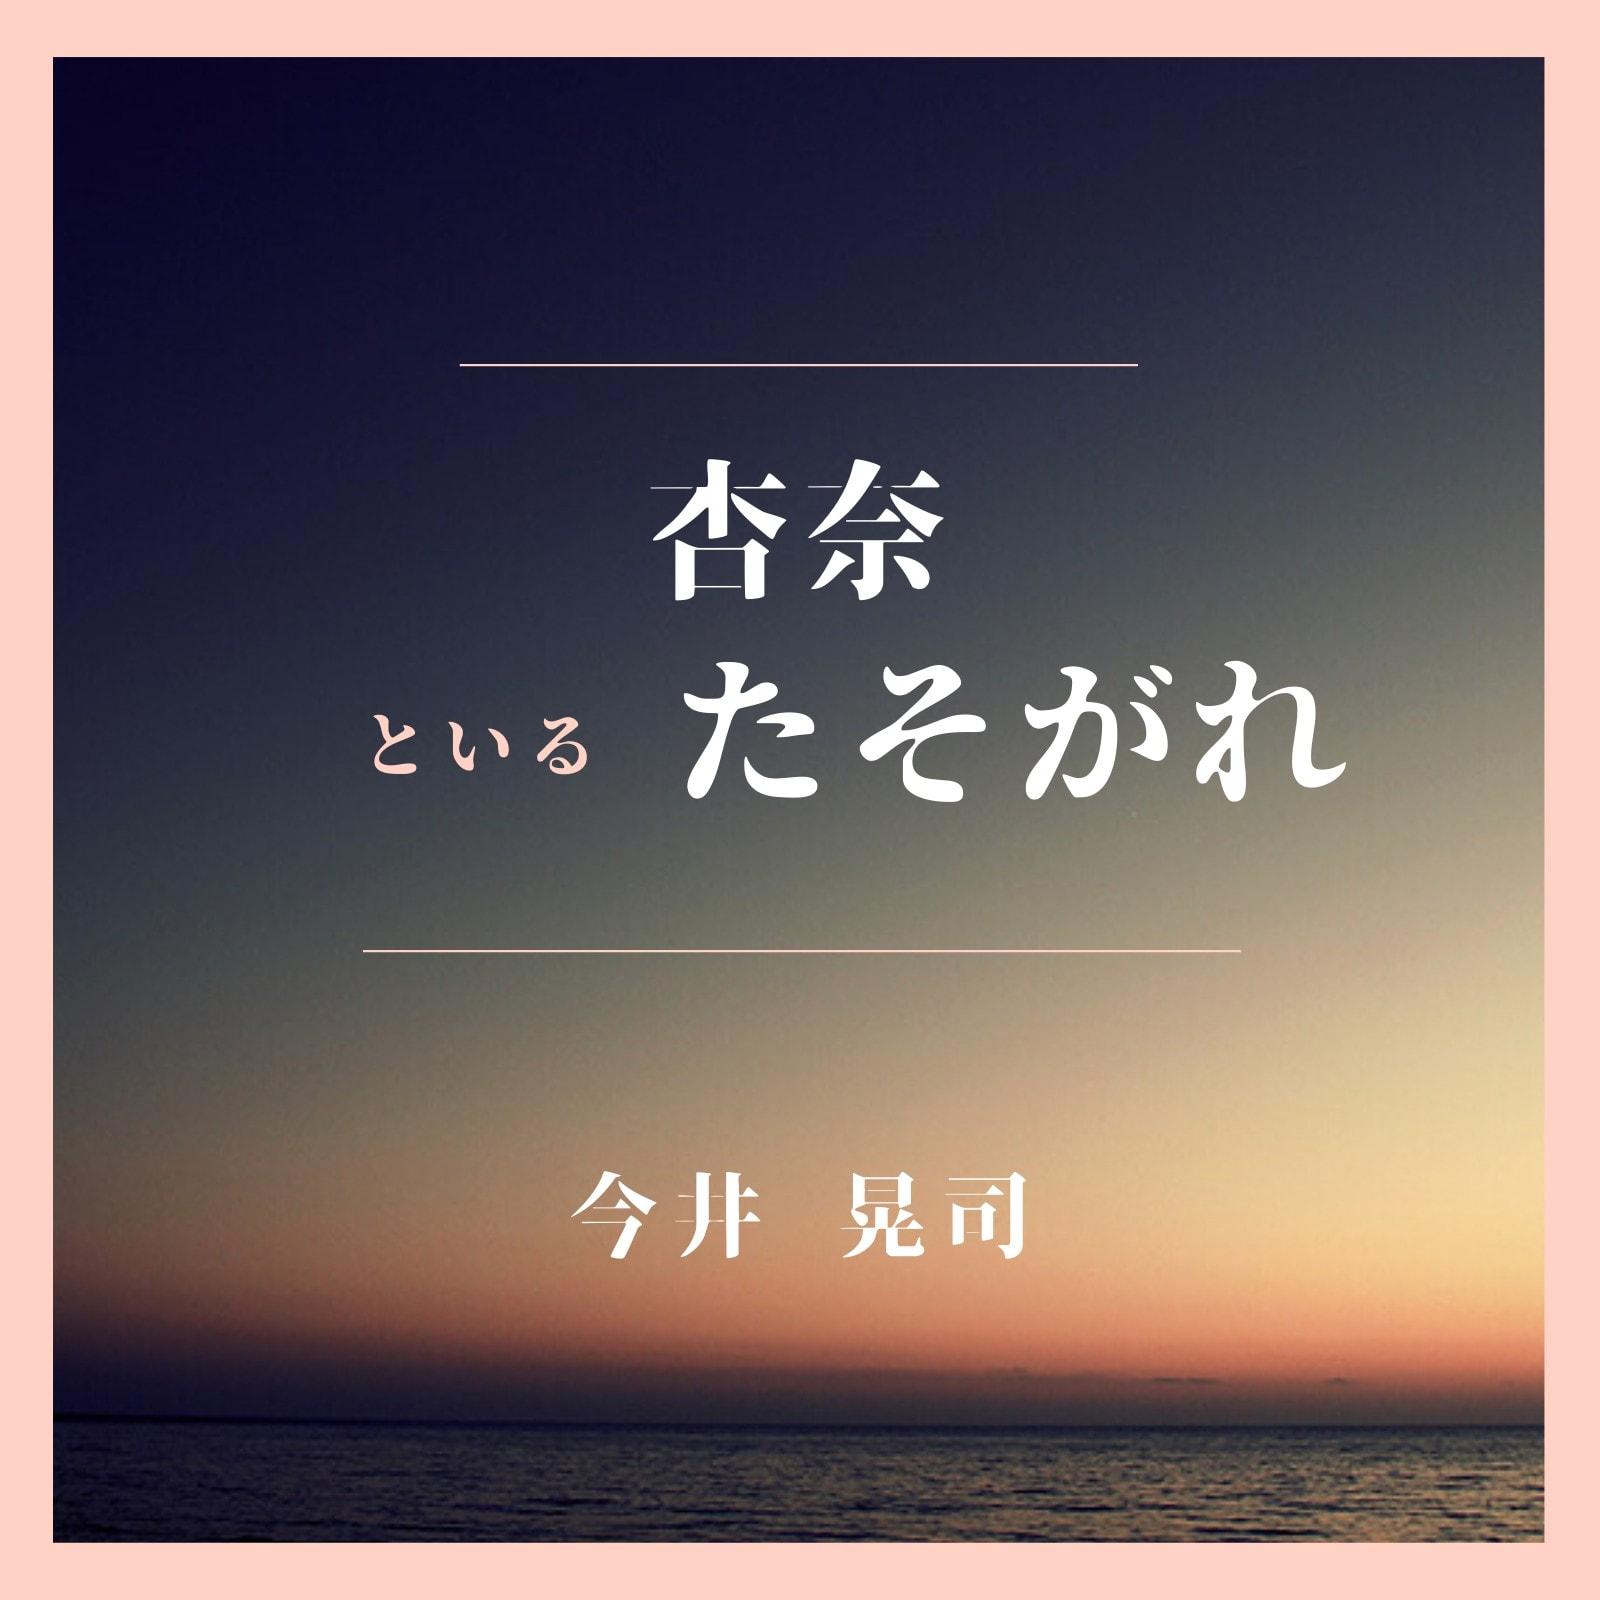 日没 写真 アルバム カバー